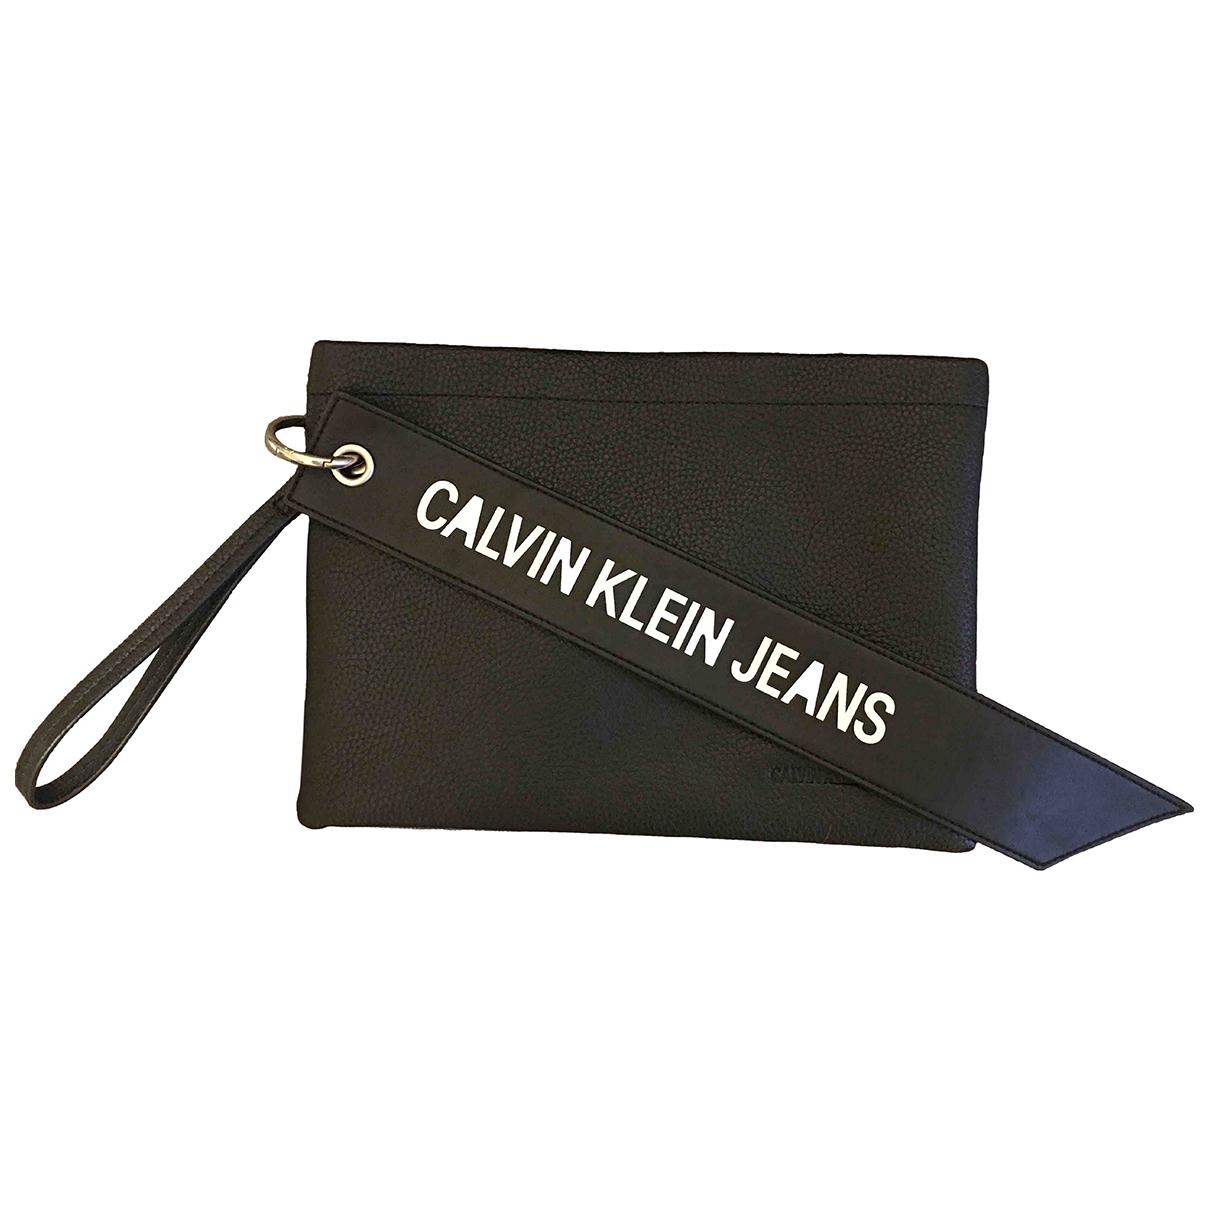 Bolso baguette de Lona Calvin Klein